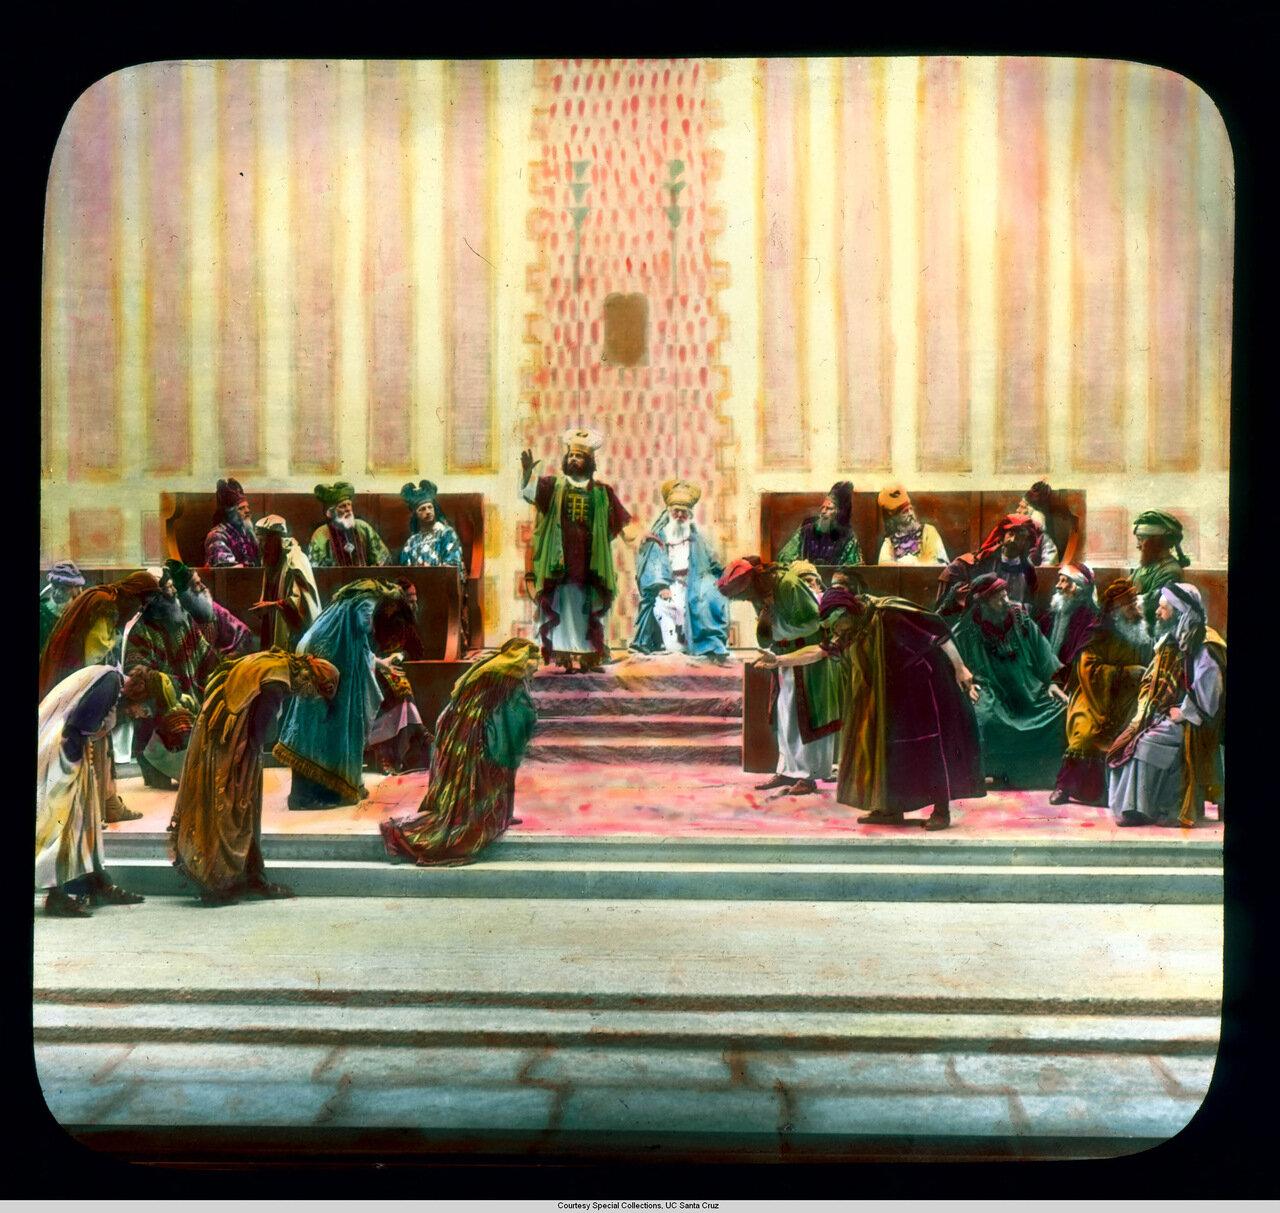 Обераммергау. Страсти Христовы. Каиафа и высшее священство в сцене из пьесы 1930